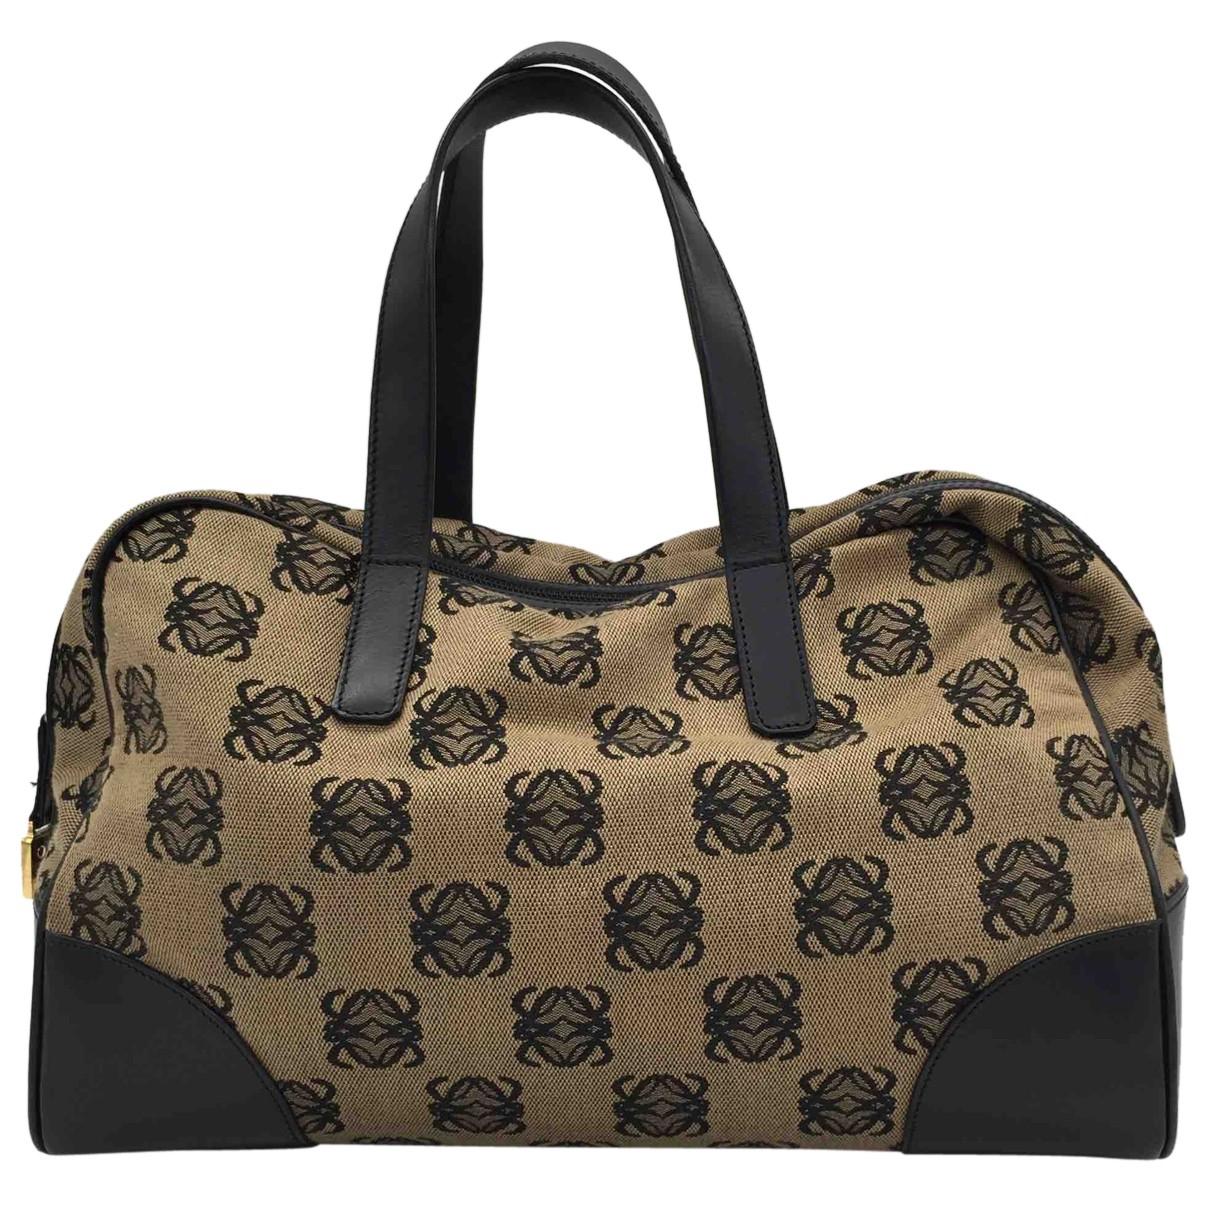 Loewe N Leather handbag for Women N